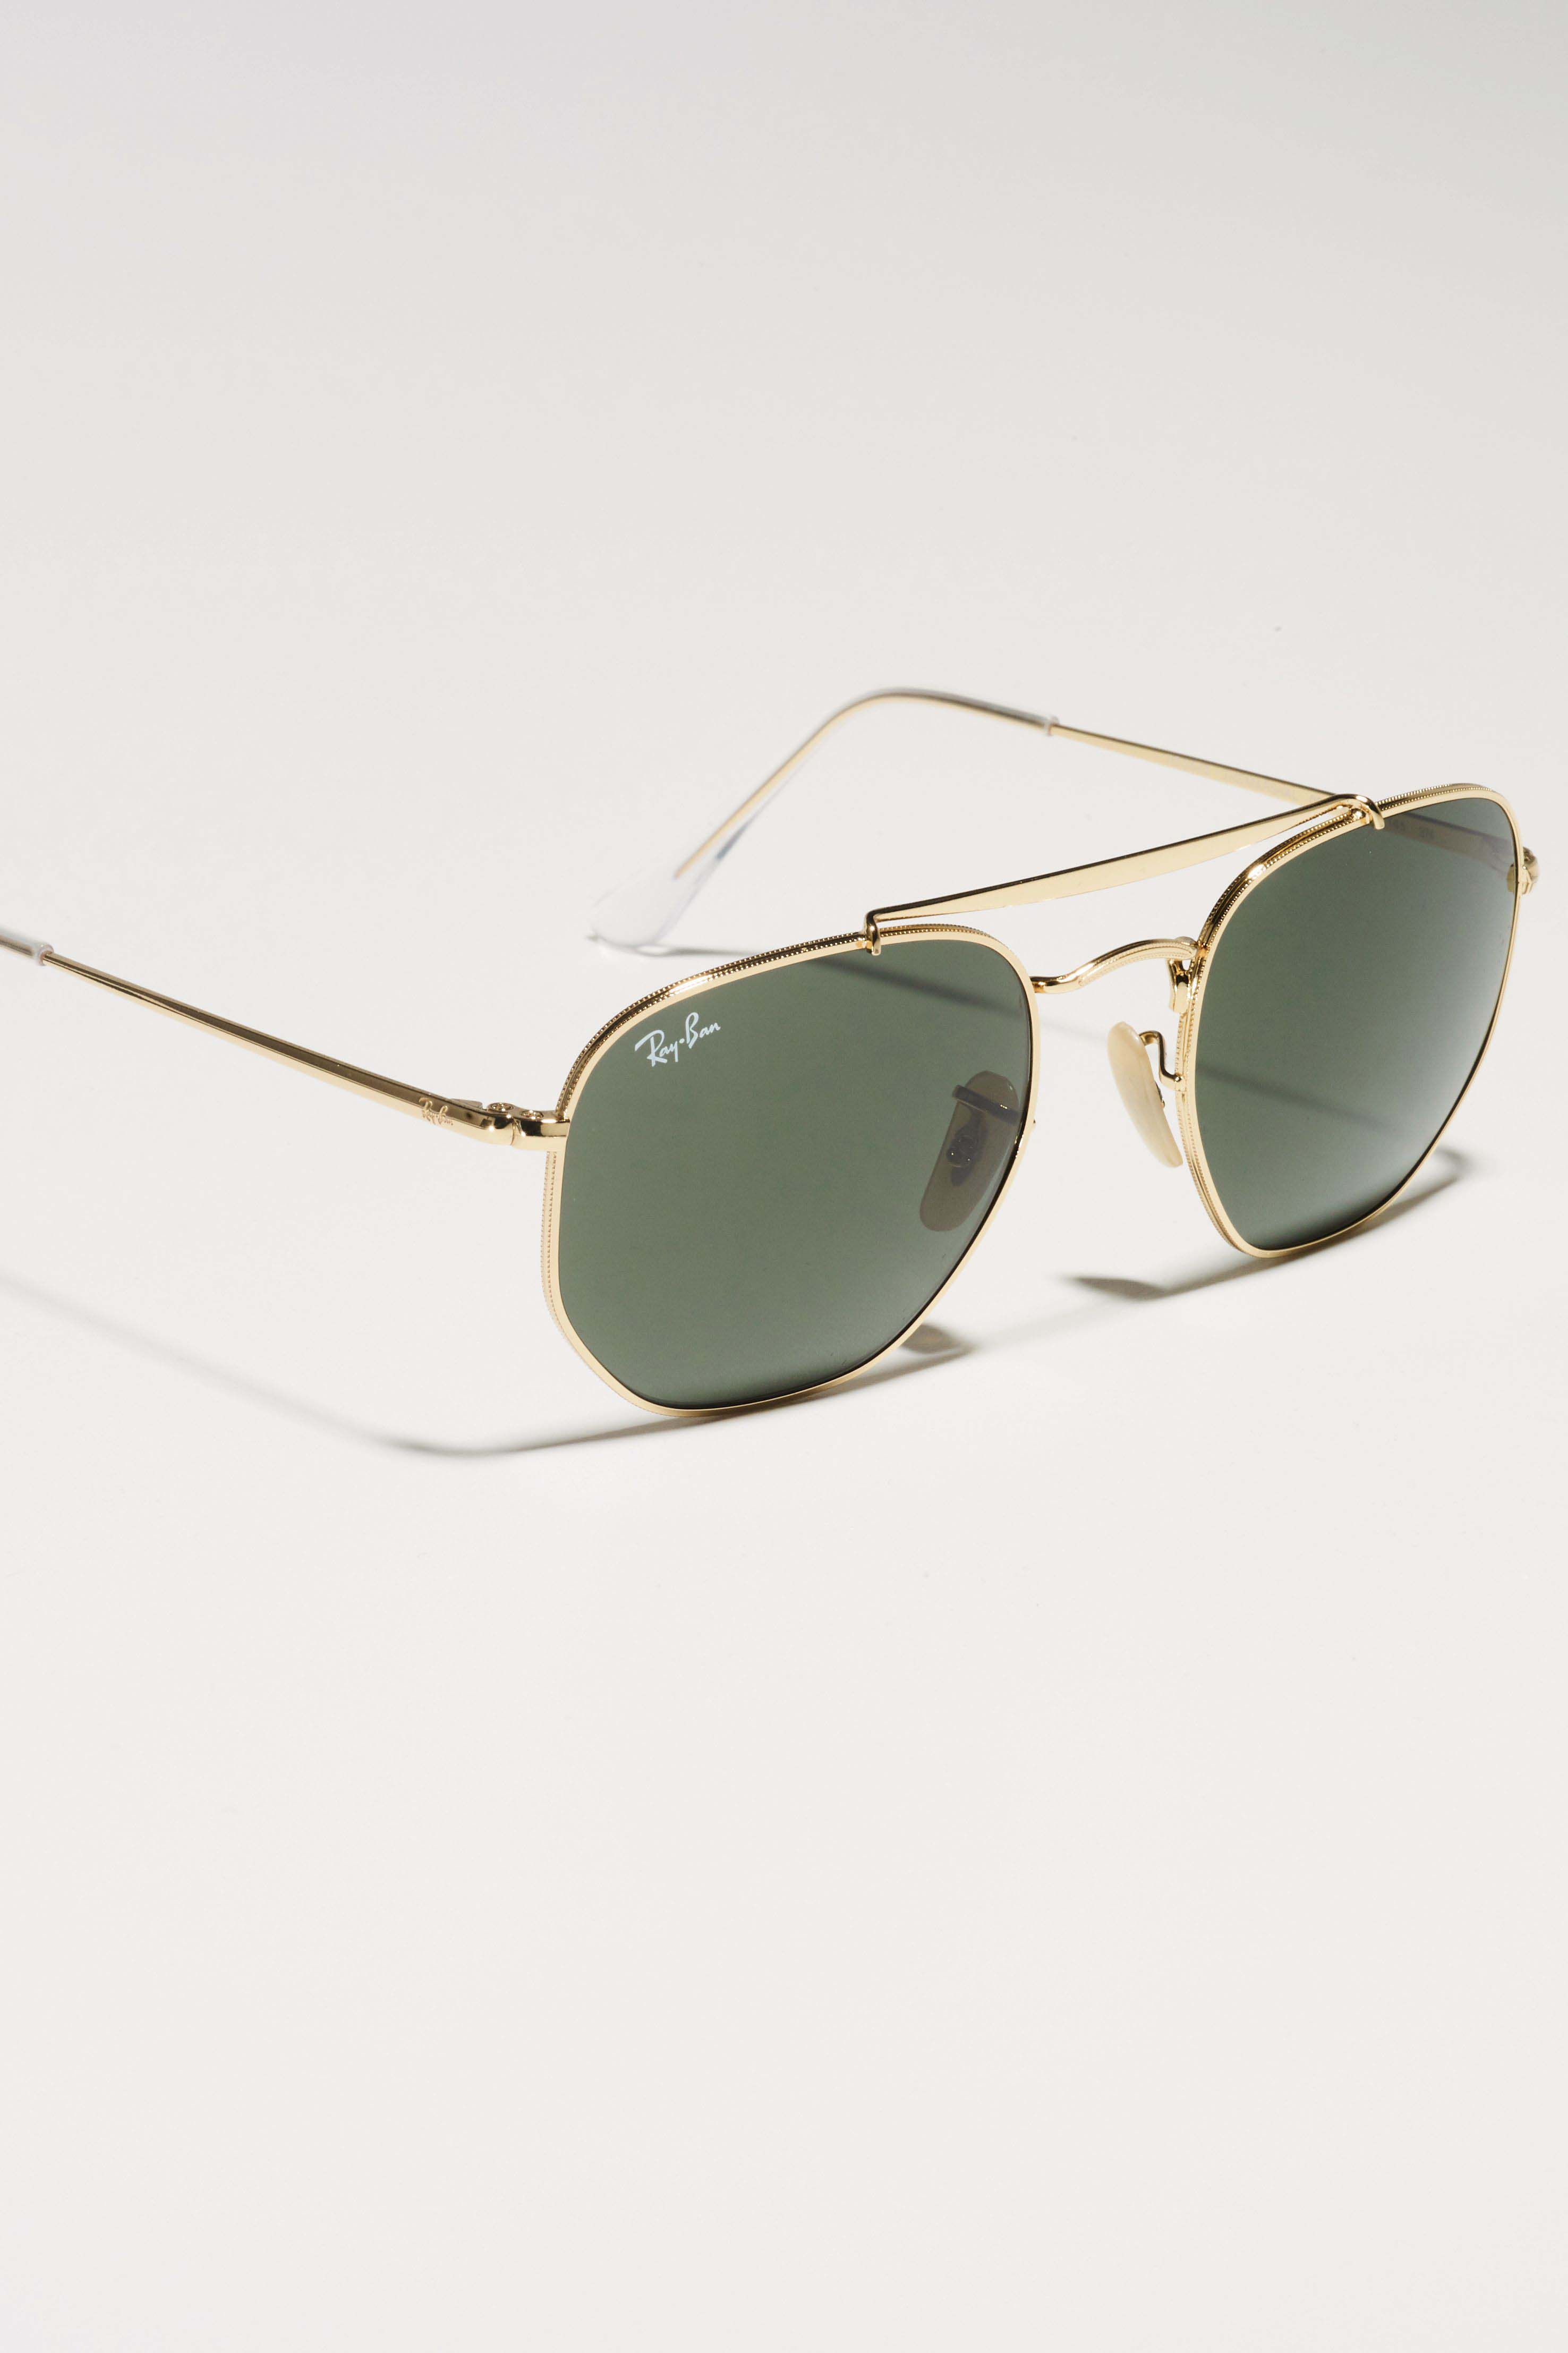 ray ban mens sunglasses 2019